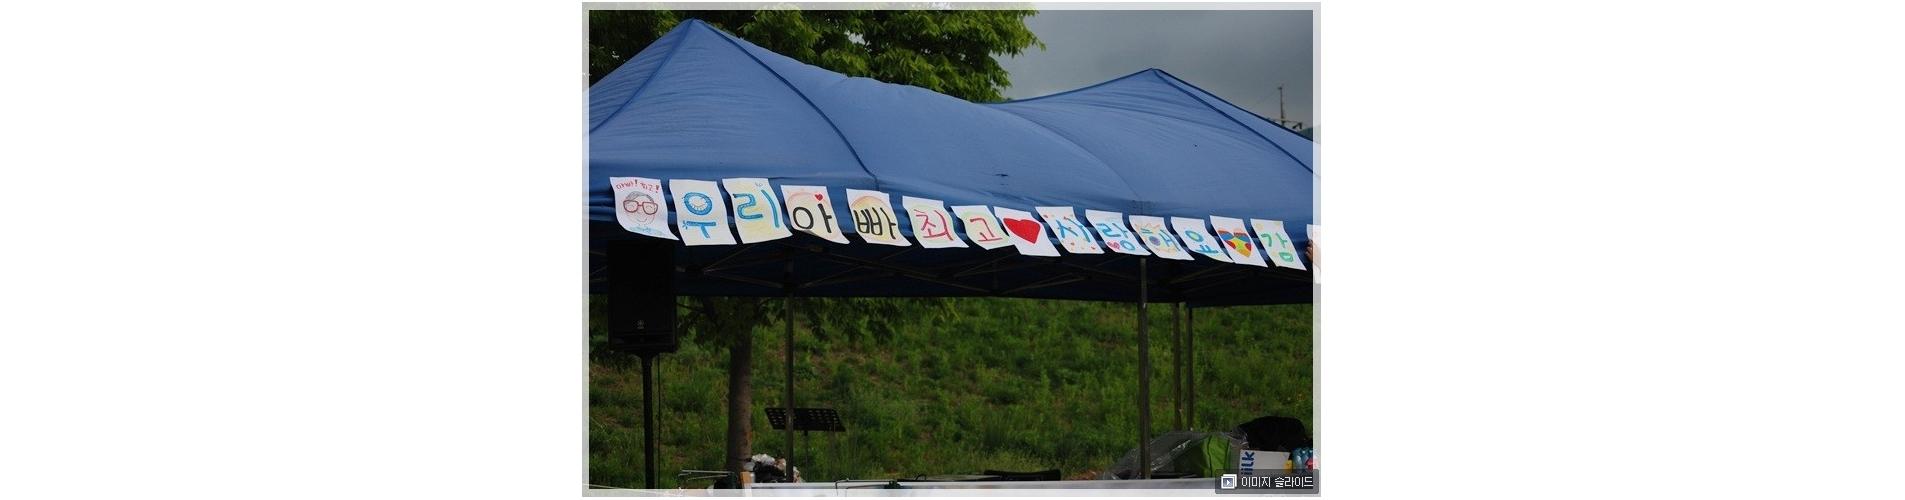 2013 봄캠핑-적벽강 Day 4-1